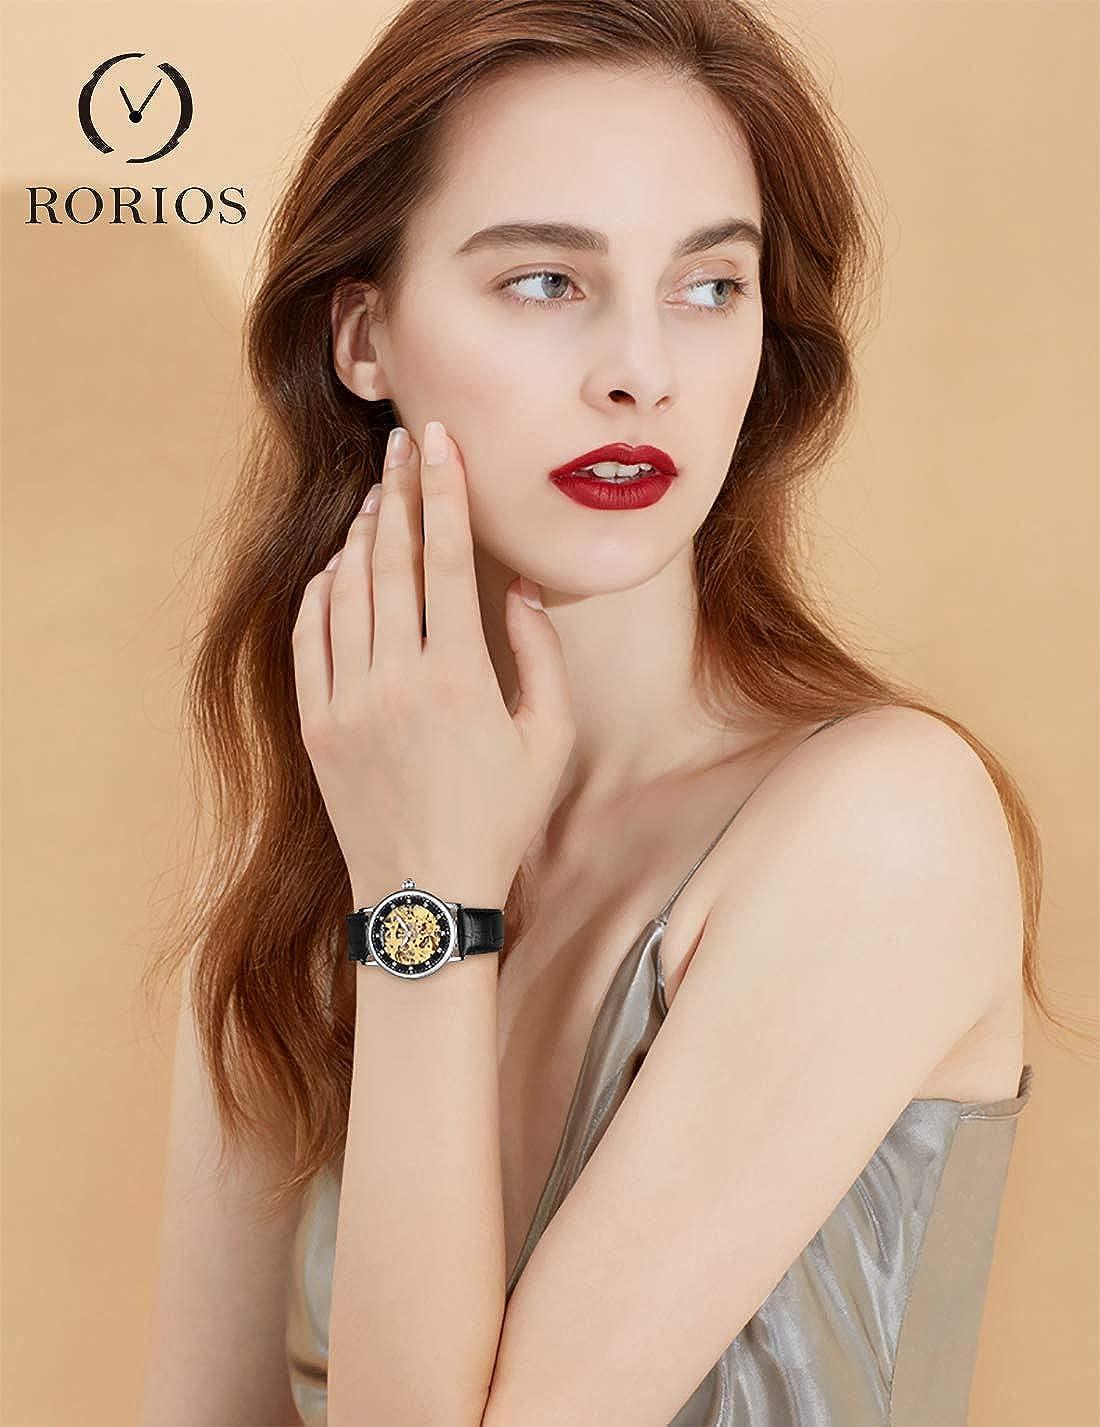 RORIOS Montre Mécanique Automatique Femme Lumineuses Montre Diamant Simulé Squelette Dames Montres Marron